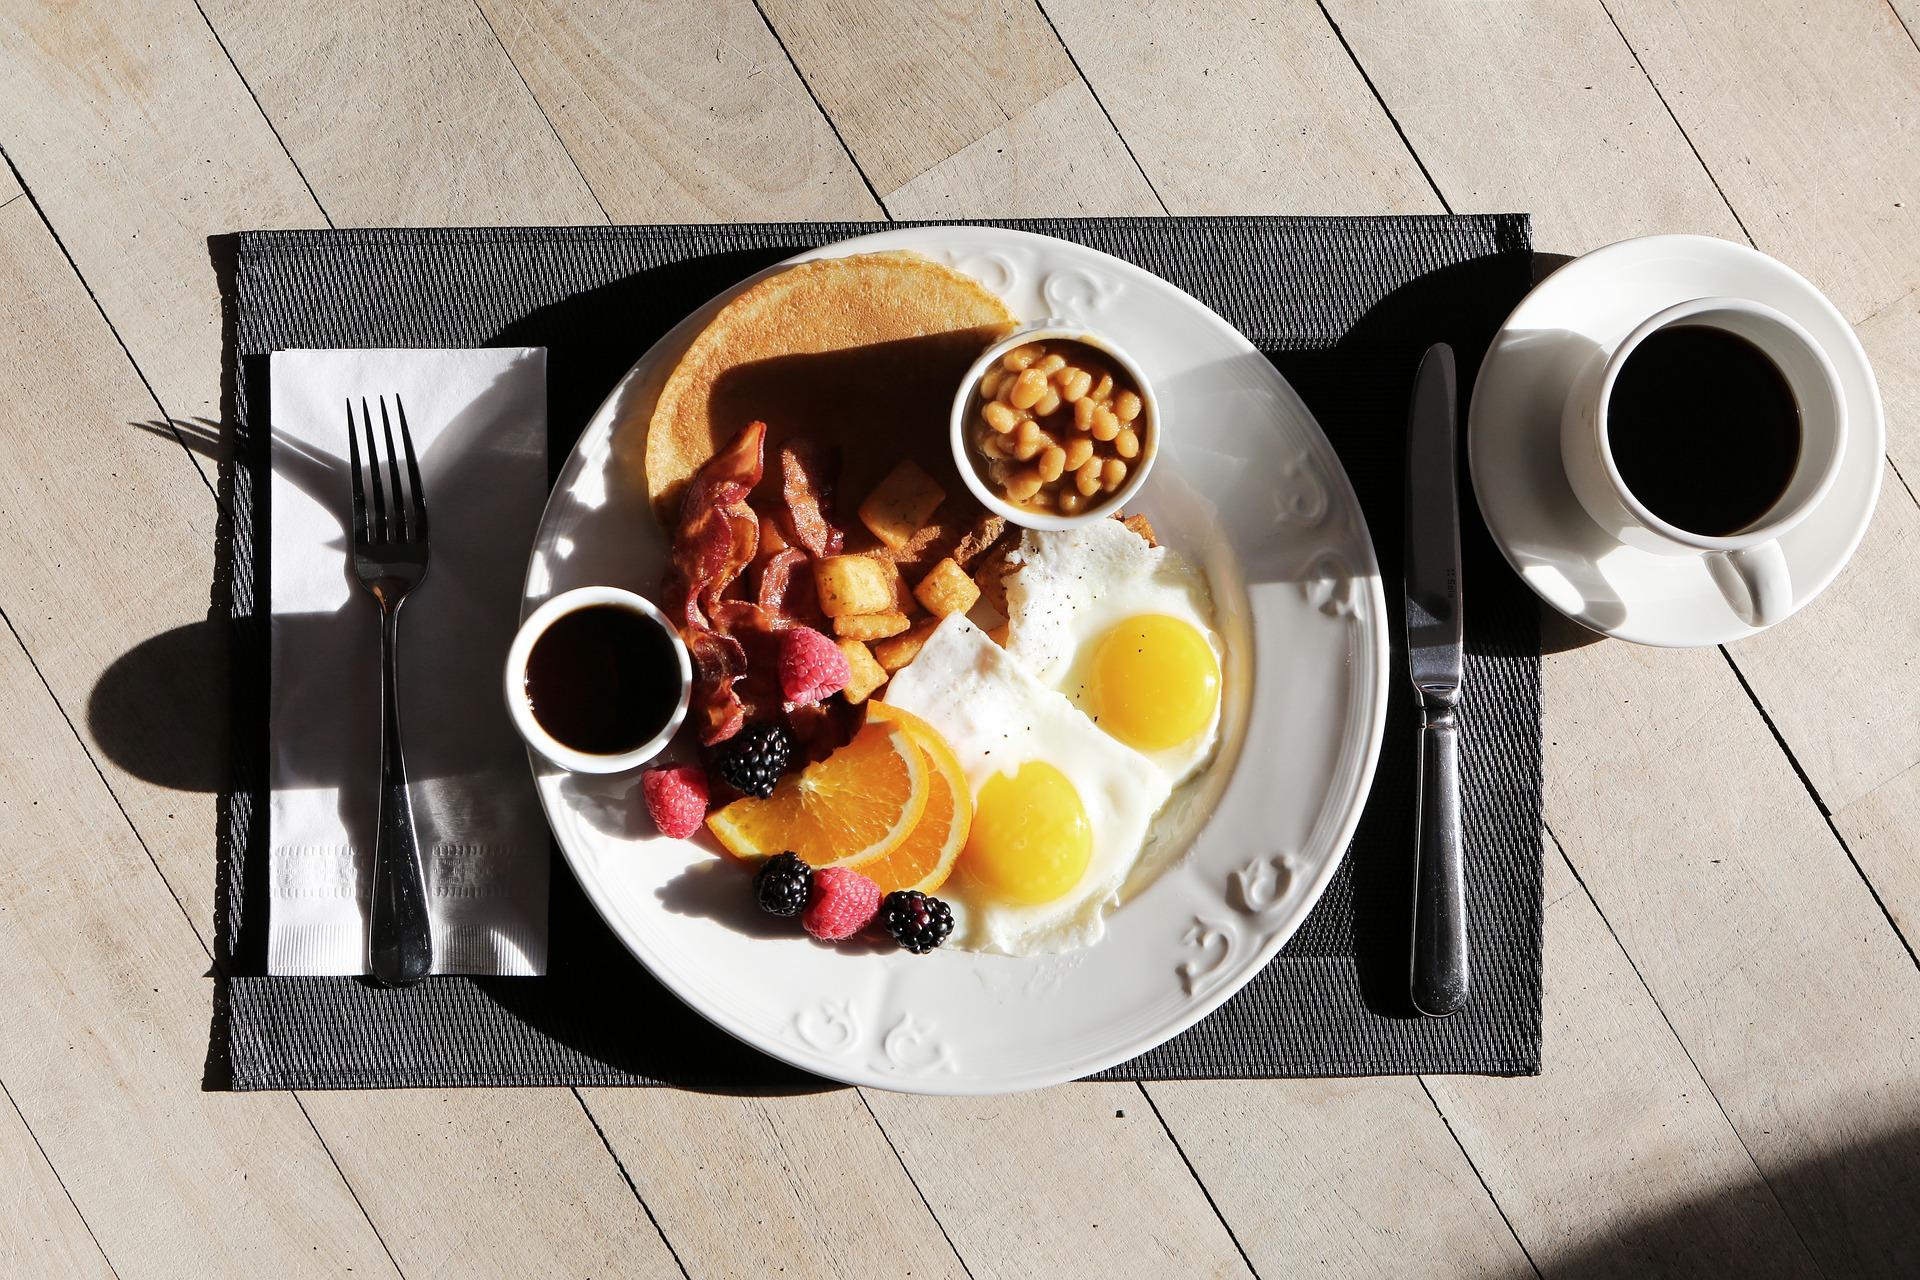 Coffee Statistics - Breakfast